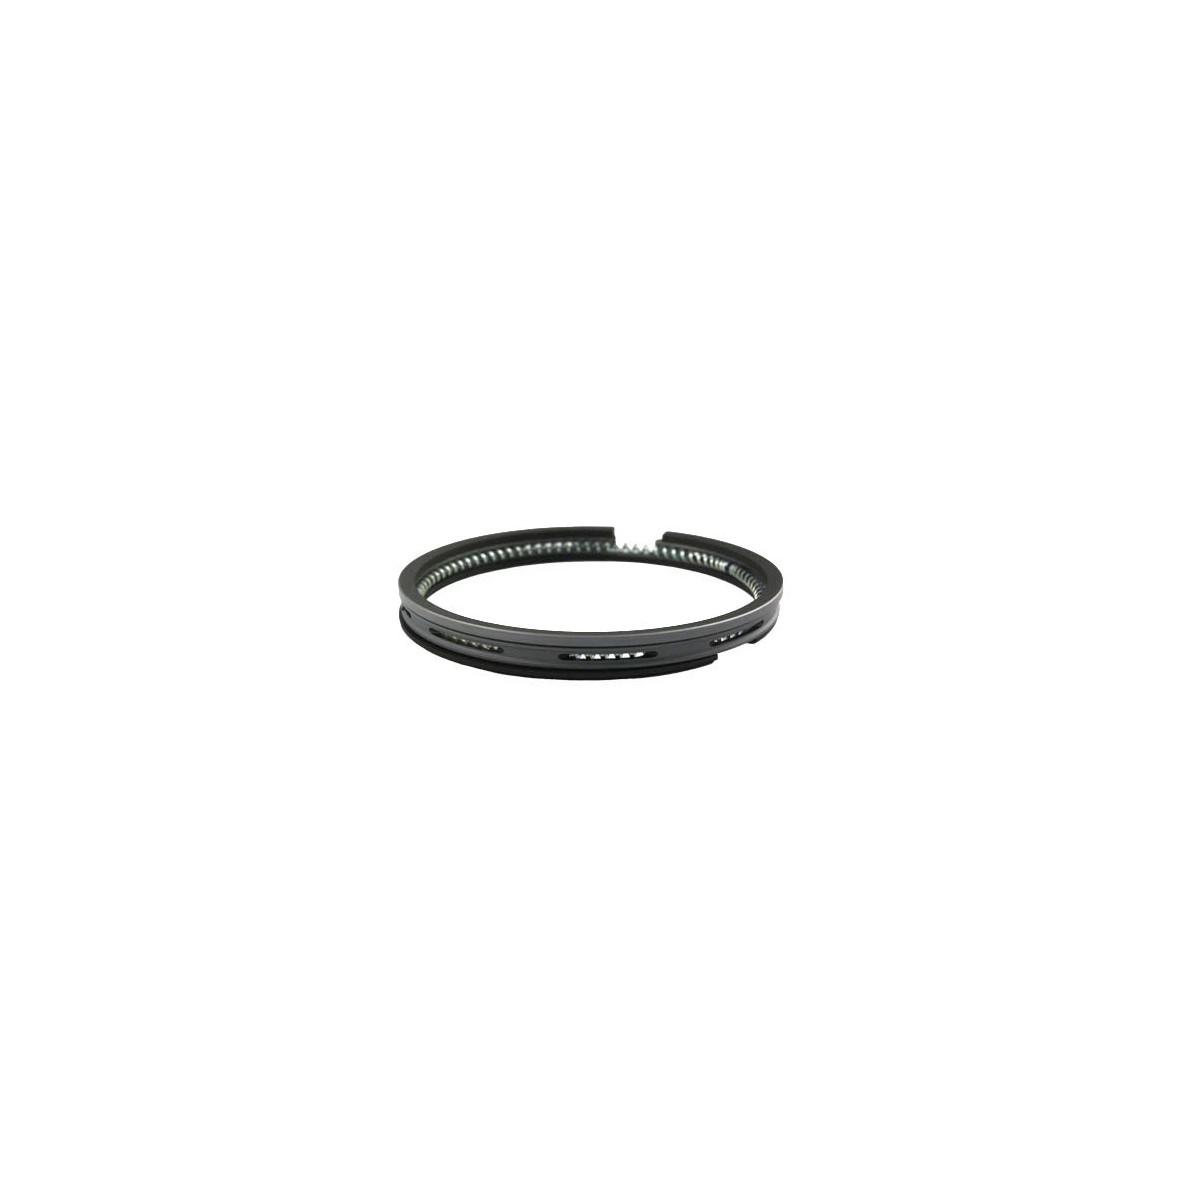 Piston Ring Set Kubota B1500,B1502 72mm.